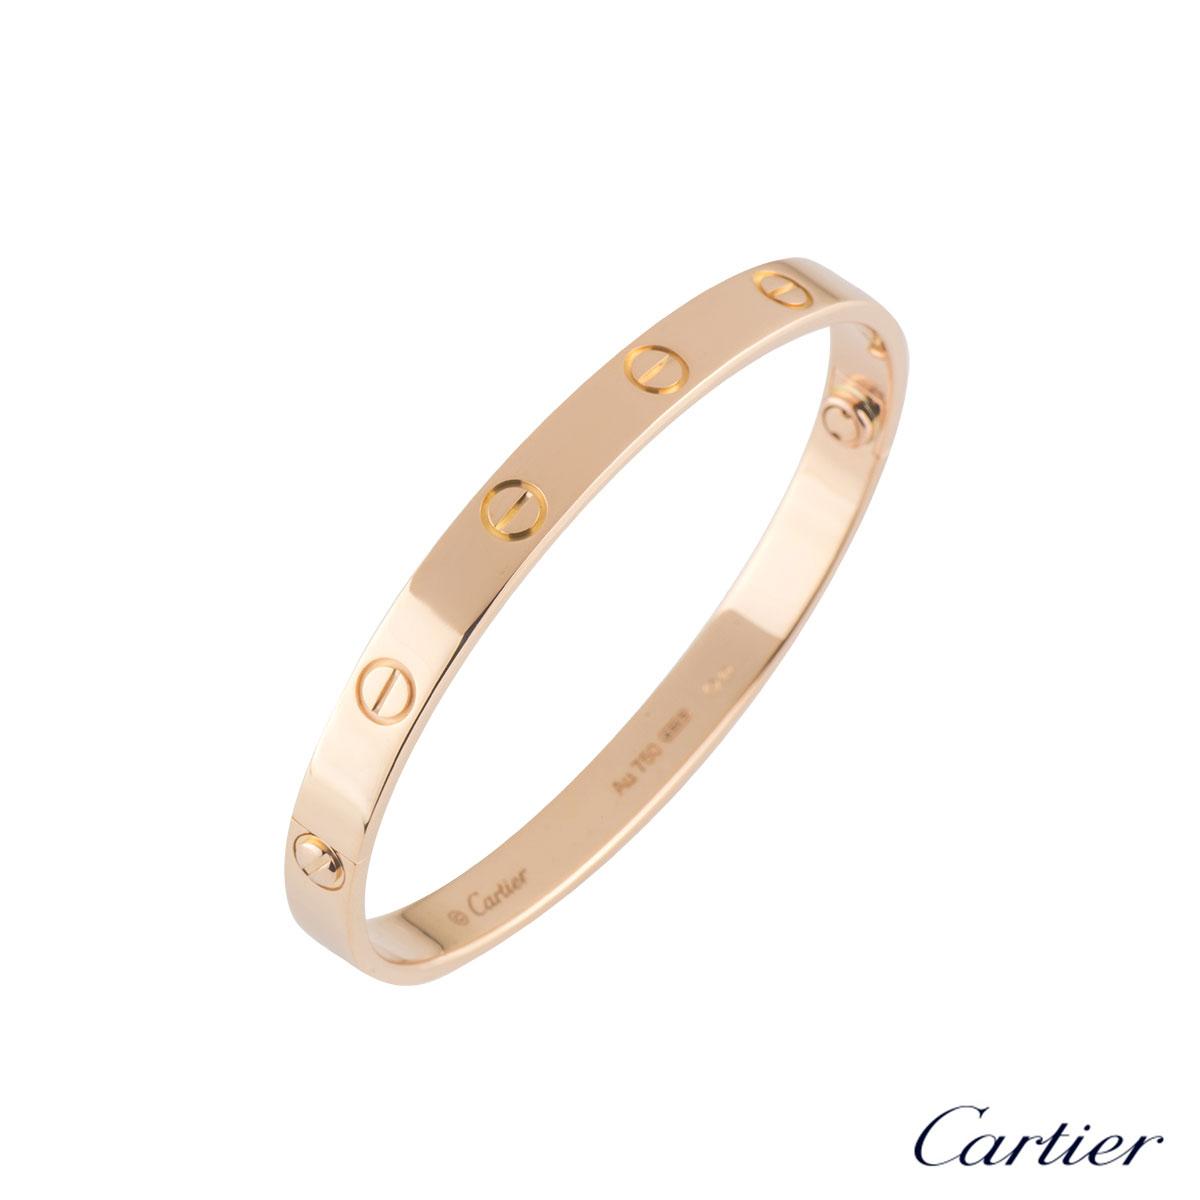 Cartier Rose Gold Plain Love Bracelet Size 16B6035616